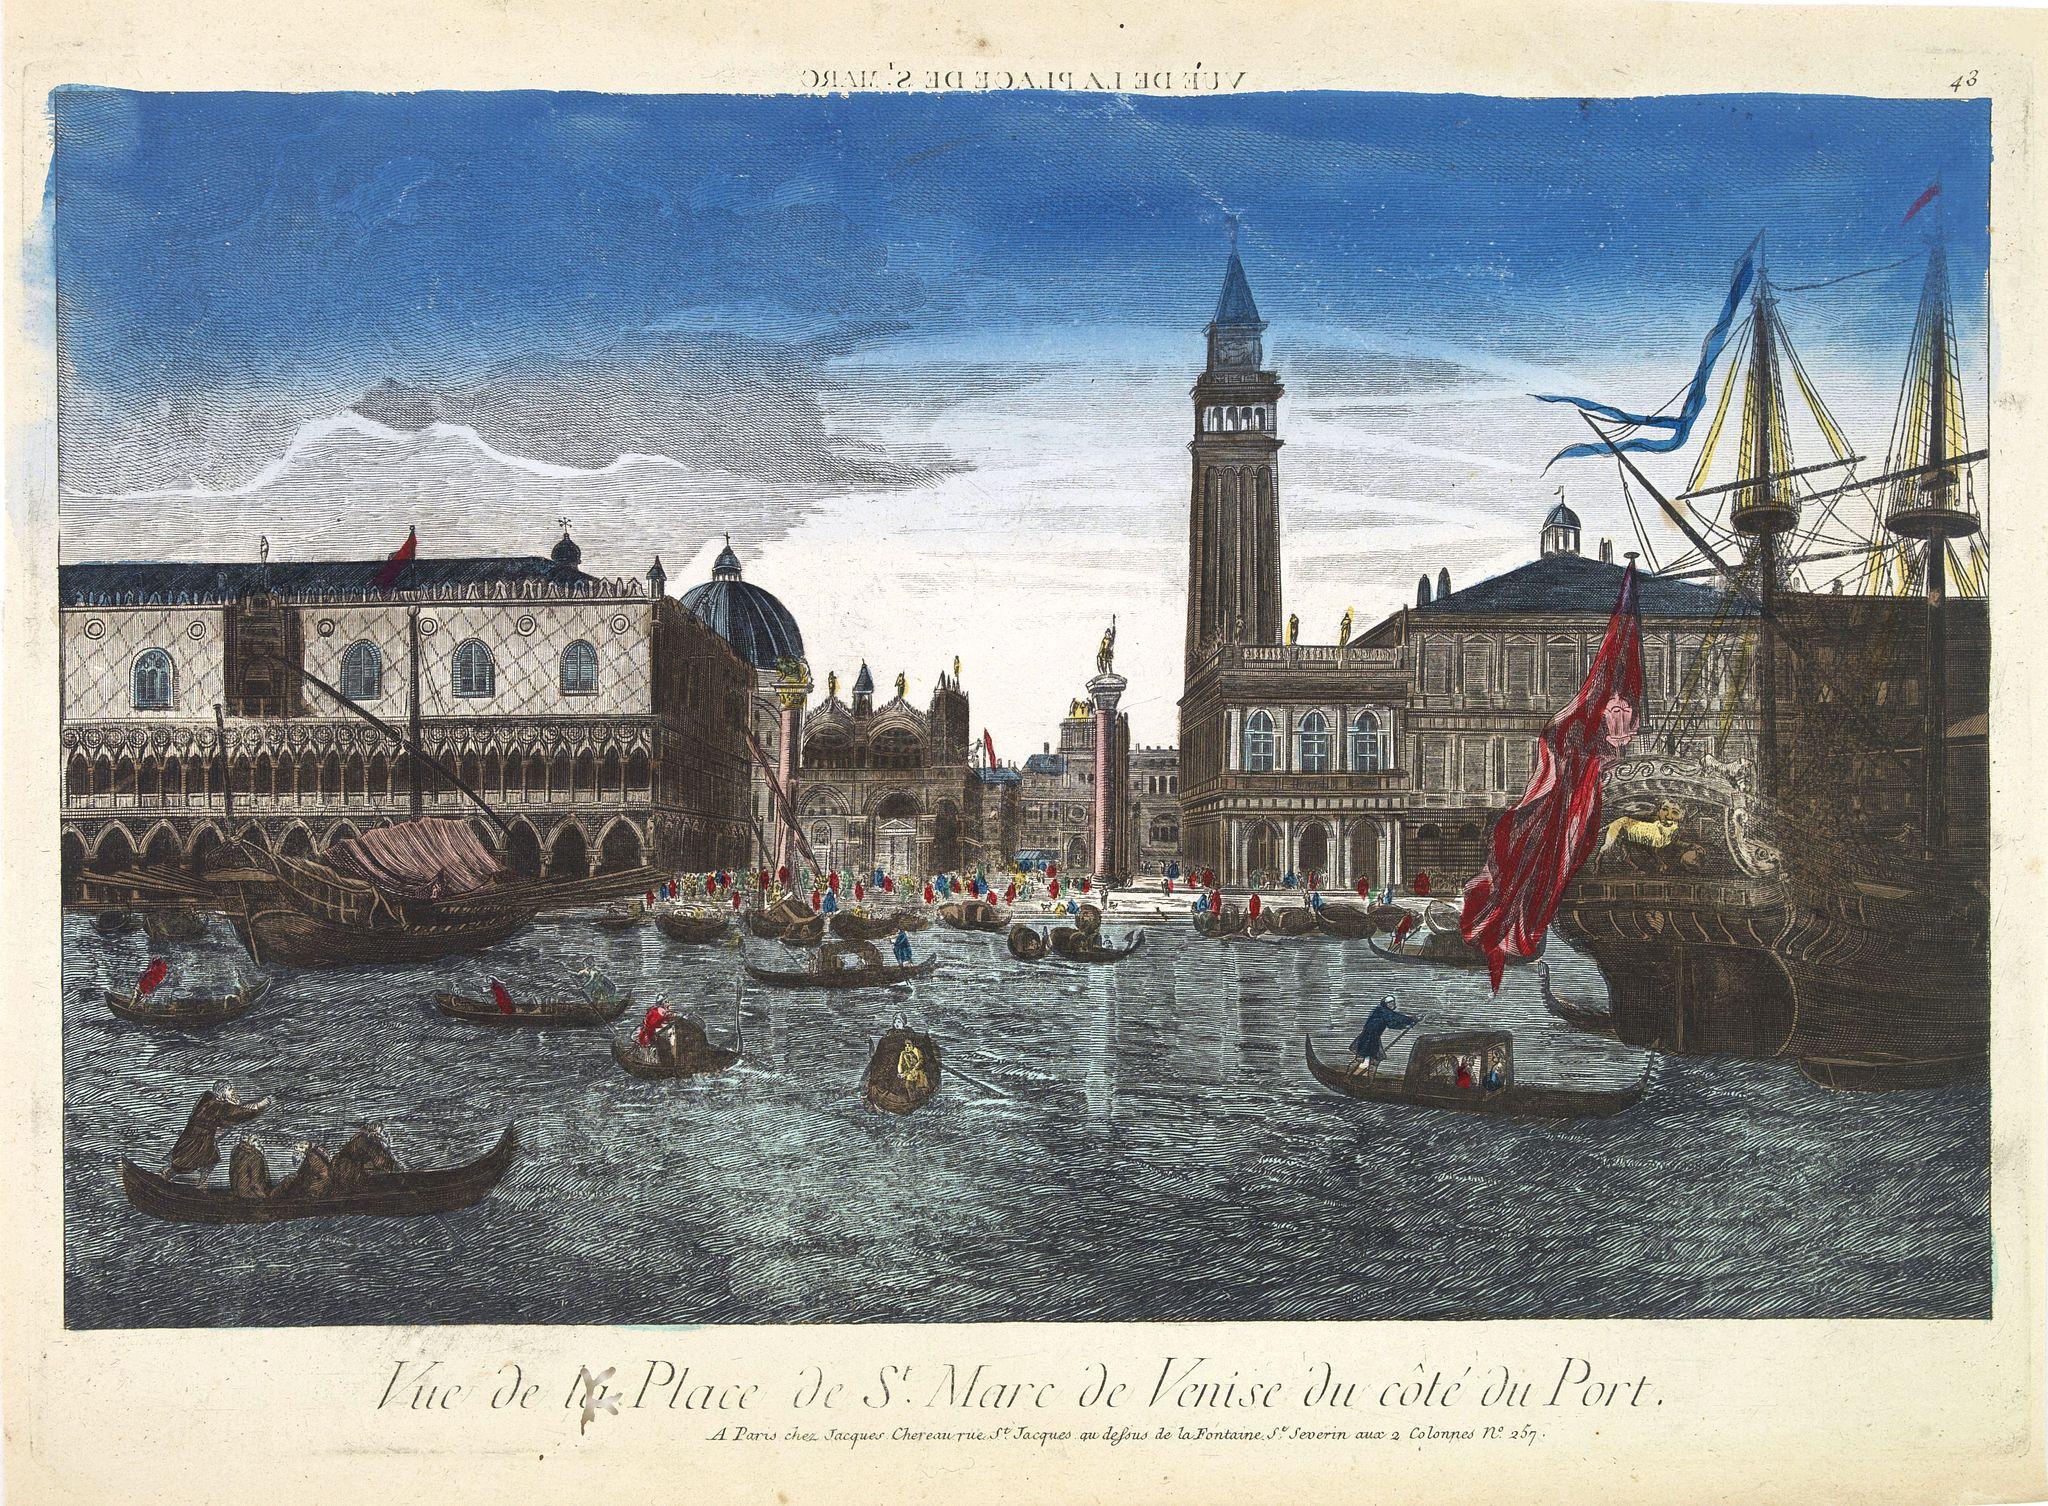 CHEREAU, J. -  Vue de la Place de St Marc de Venise du côté du port.